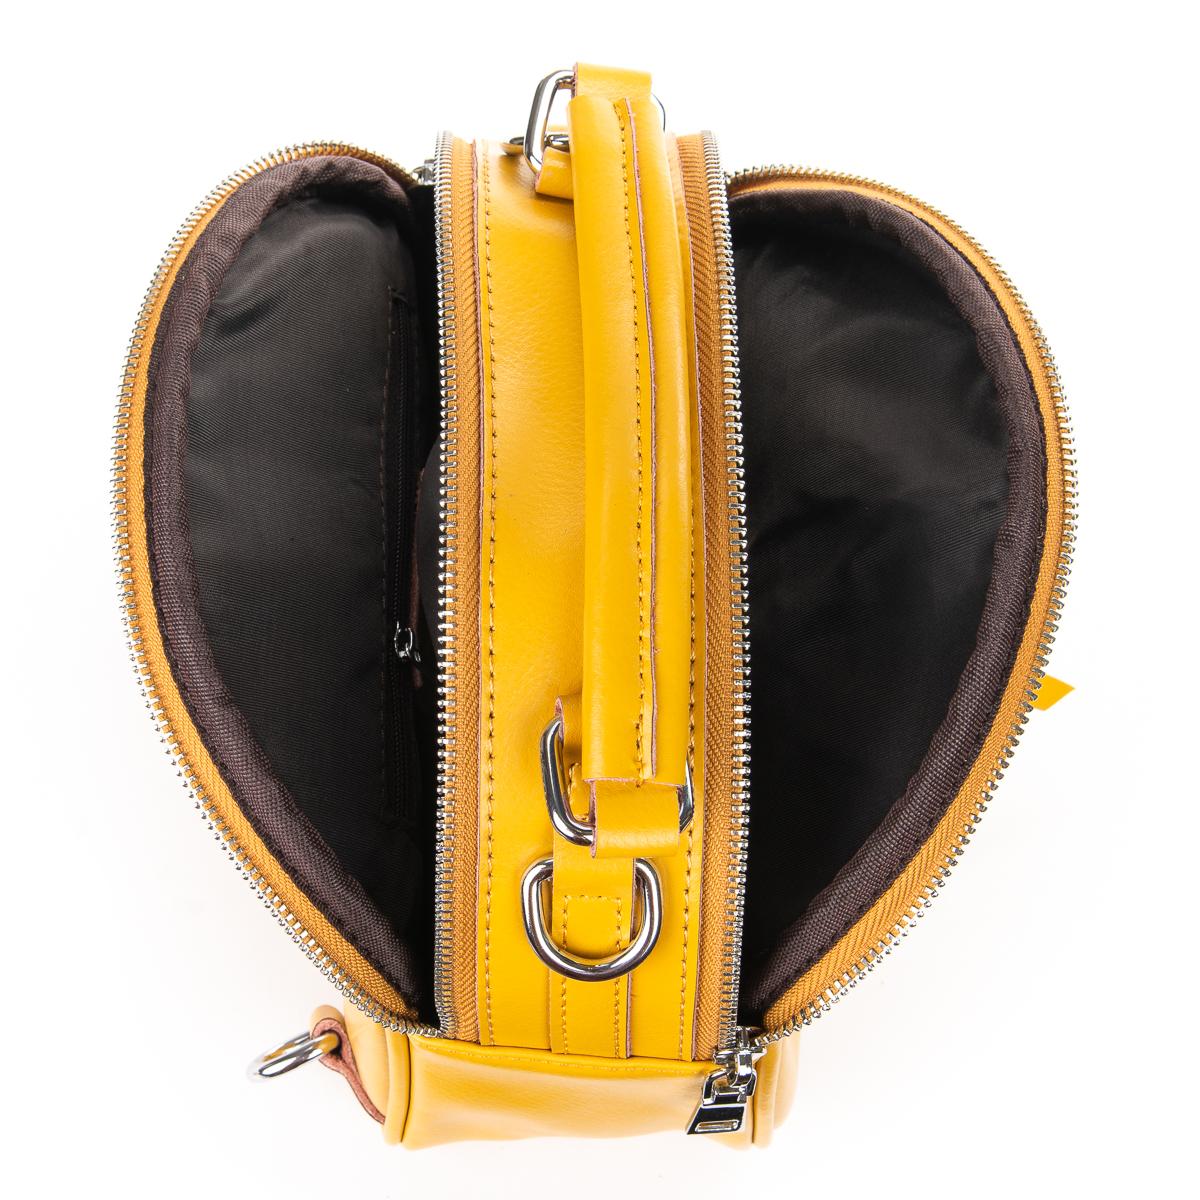 Сумка Женская Клатч кожа ALEX RAI 06-1 339 yellow - фото 5